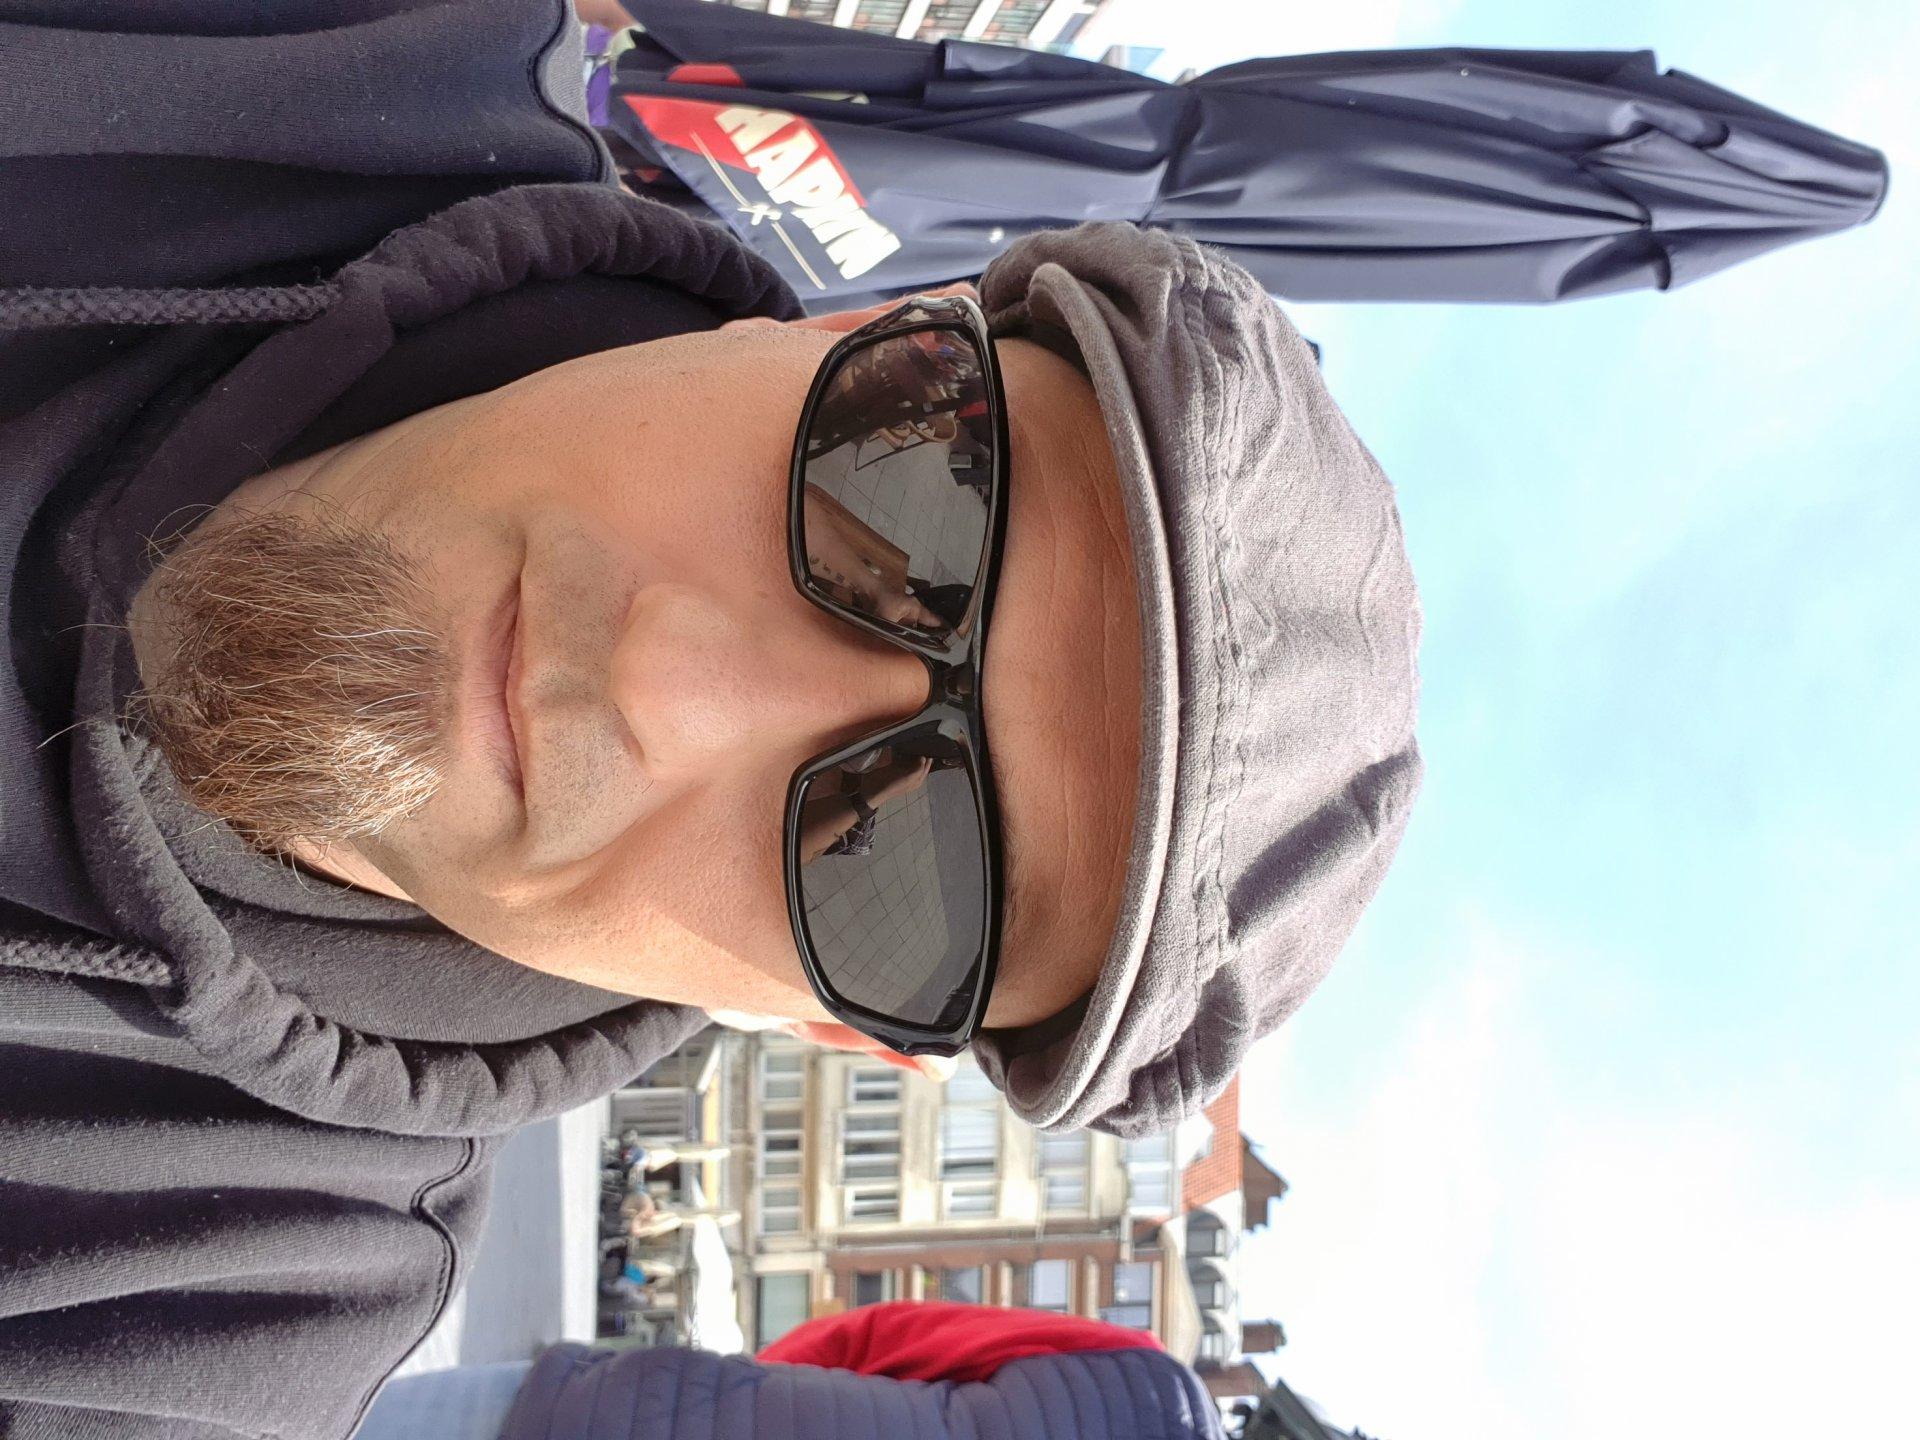 Jorreman aus Antwerpen,Belgien